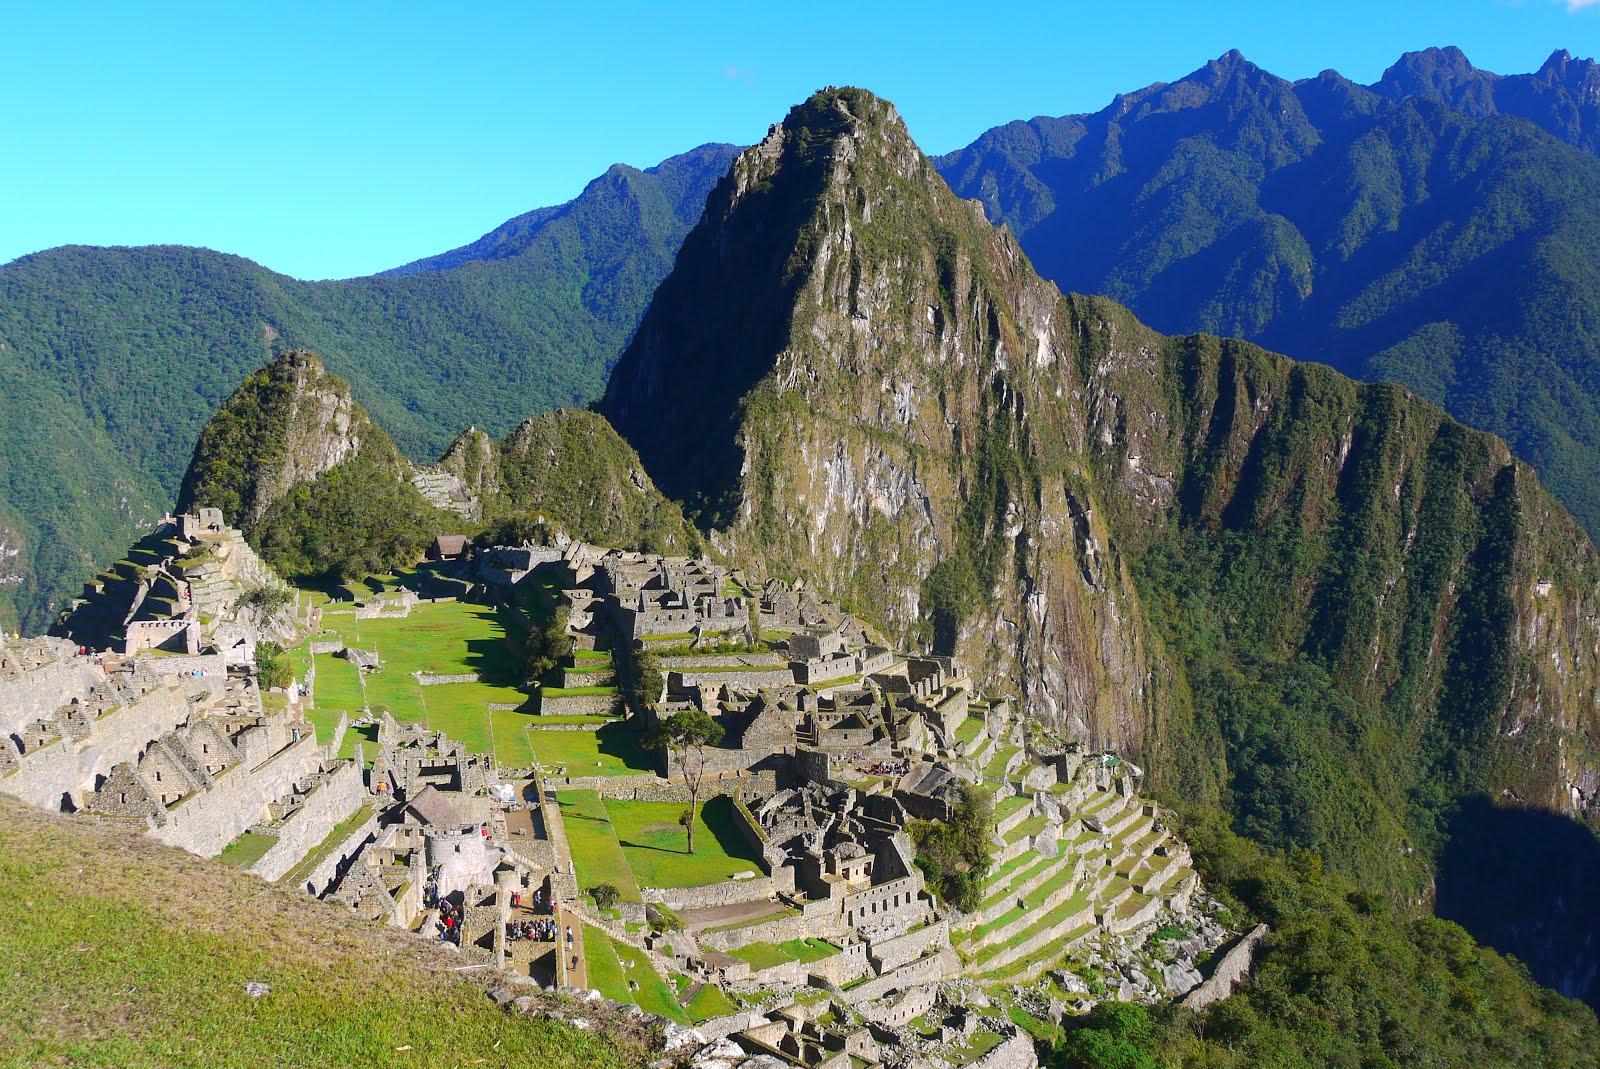 迪士尼餅乾: [2015 秘魯] 天空之城 馬丘比丘(Machu Picchu) ─ 馬上懂的爬馬丘全攻略(含交通)